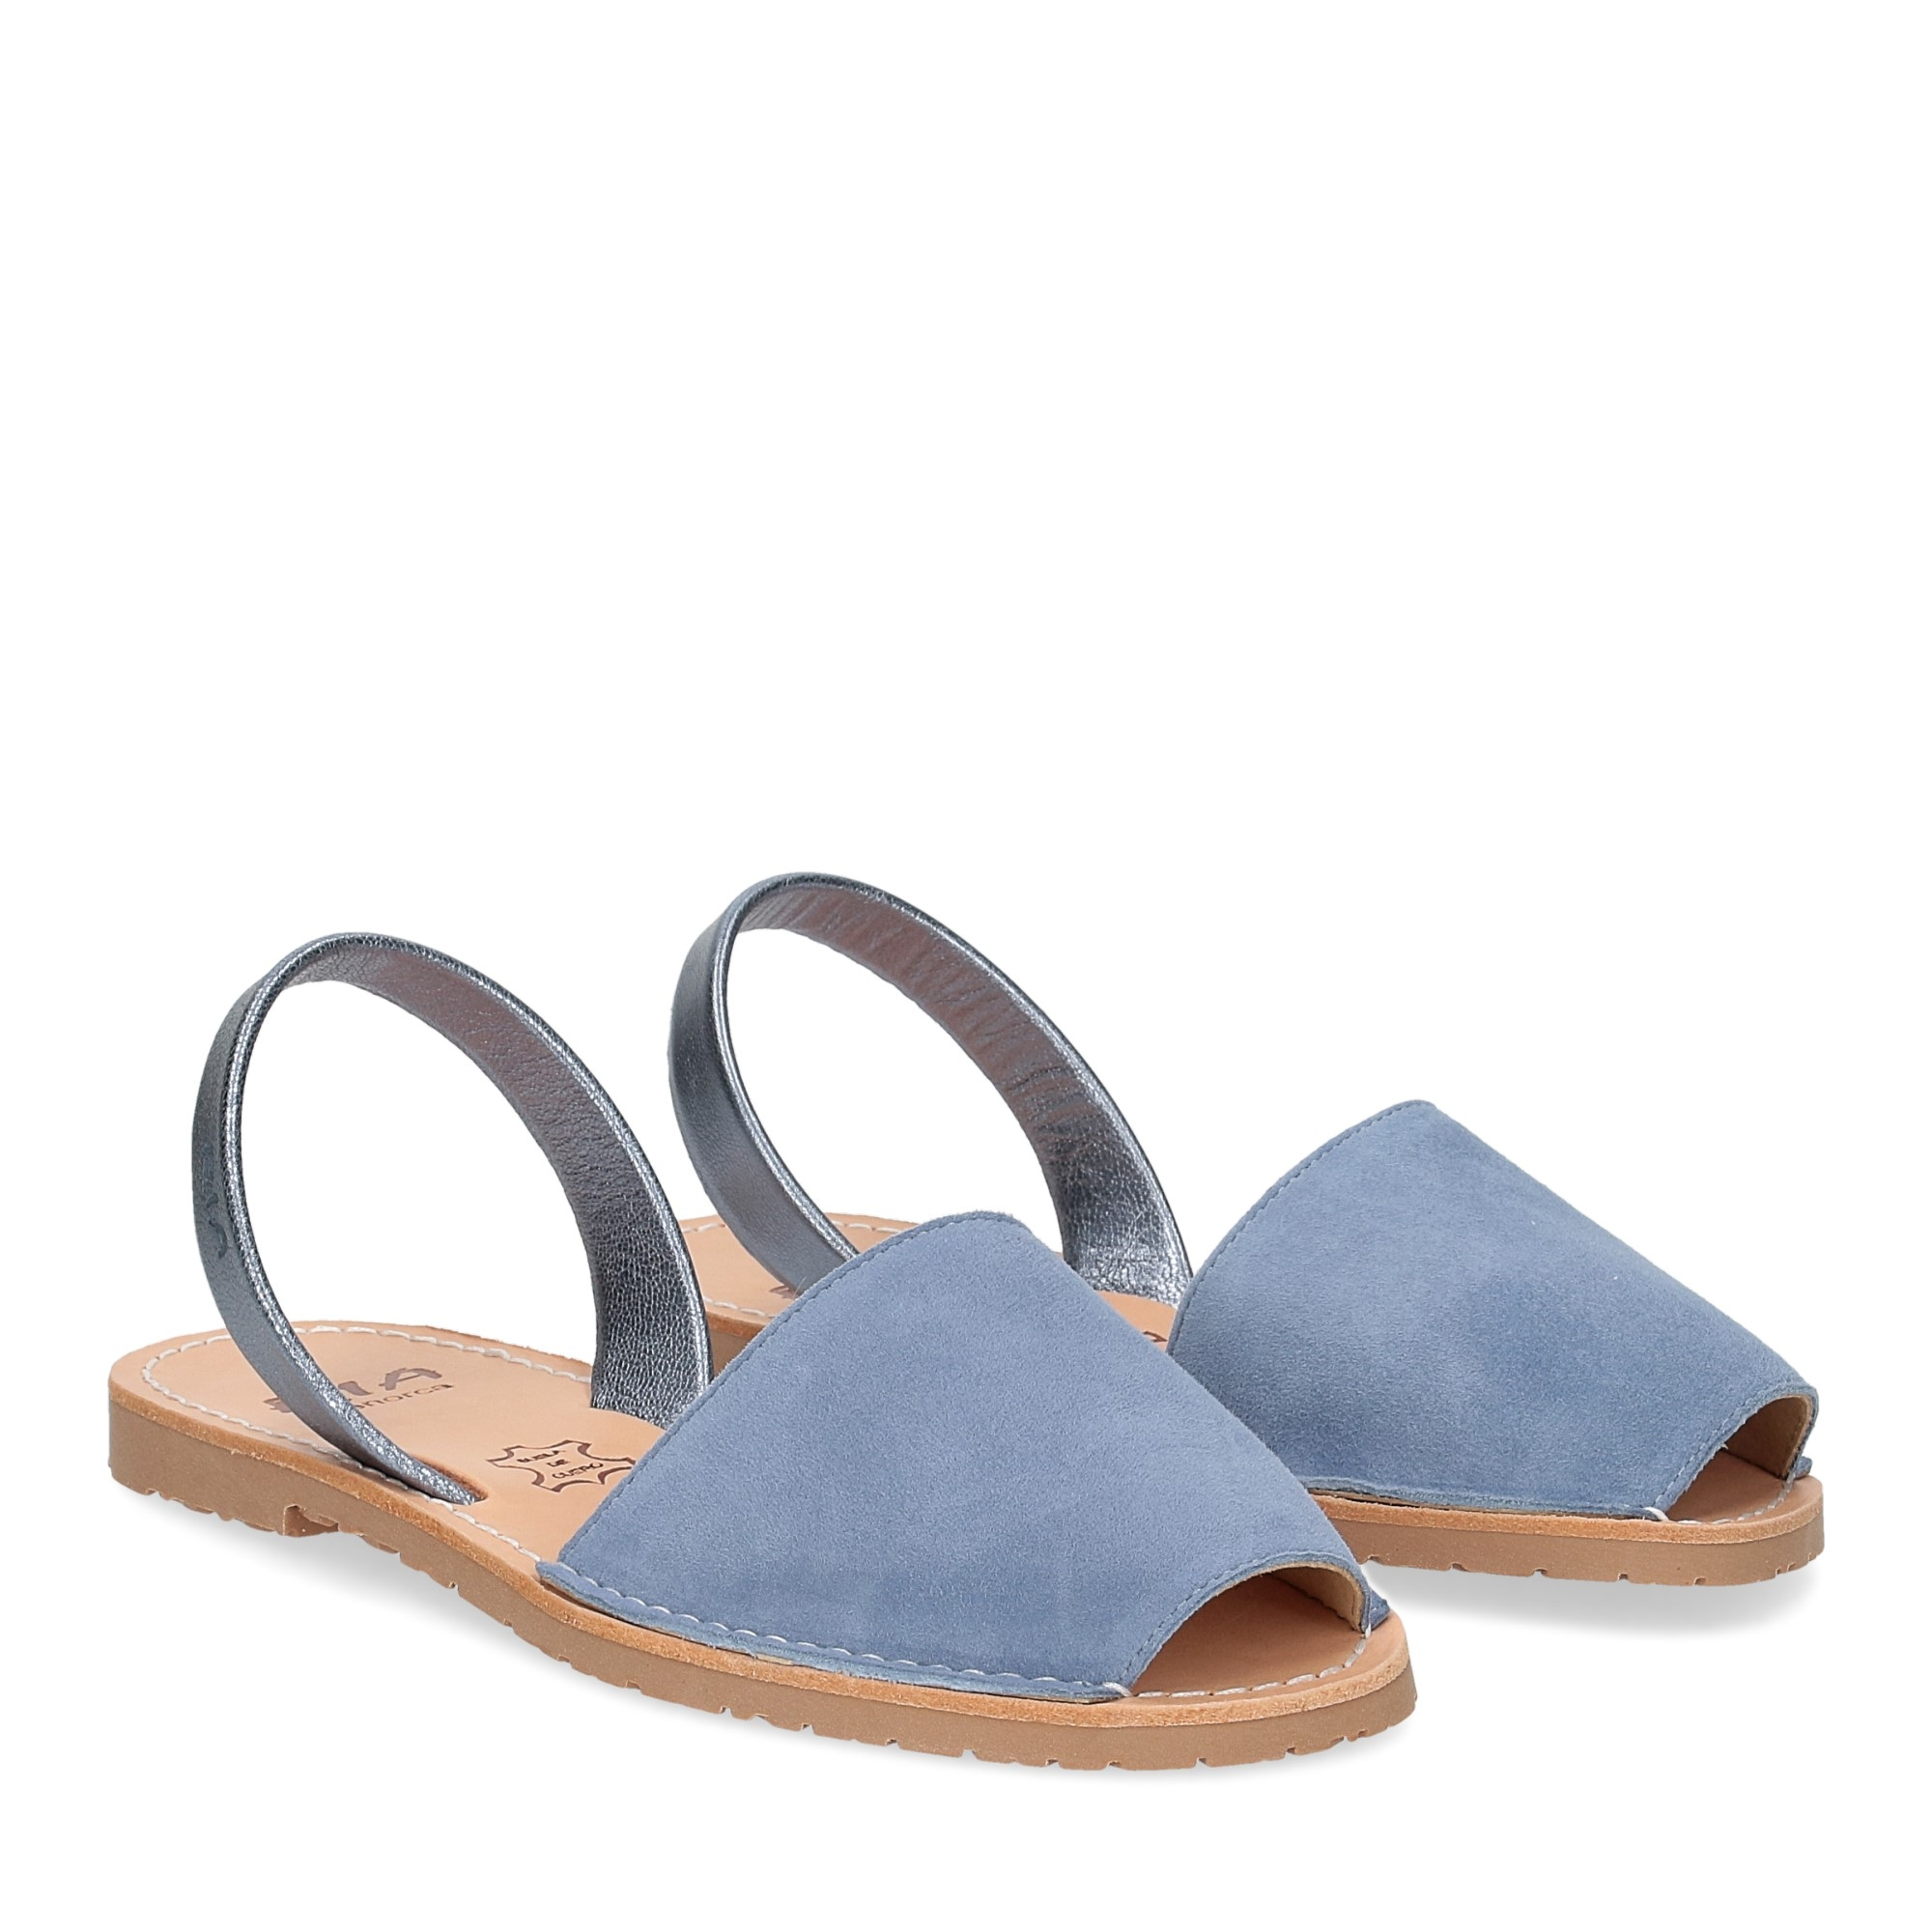 Ria Menorca sandalo minorchina camoscio azzurro